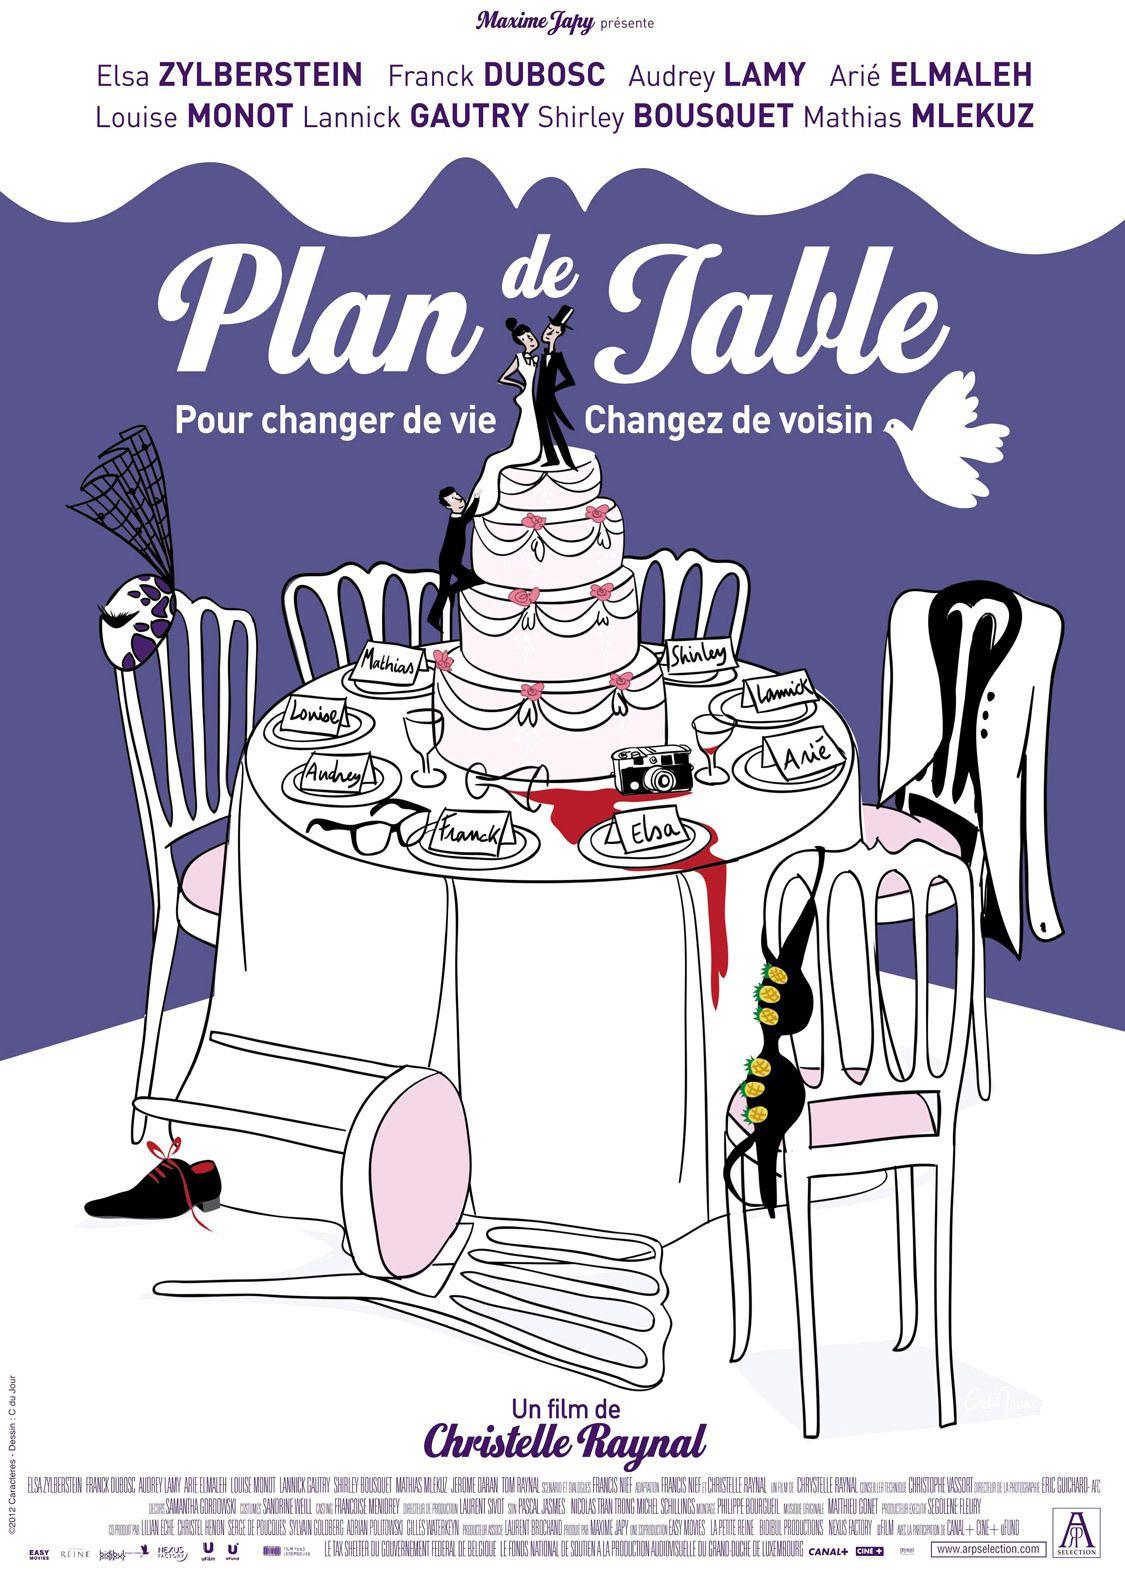 Plan de table - Film (2012)